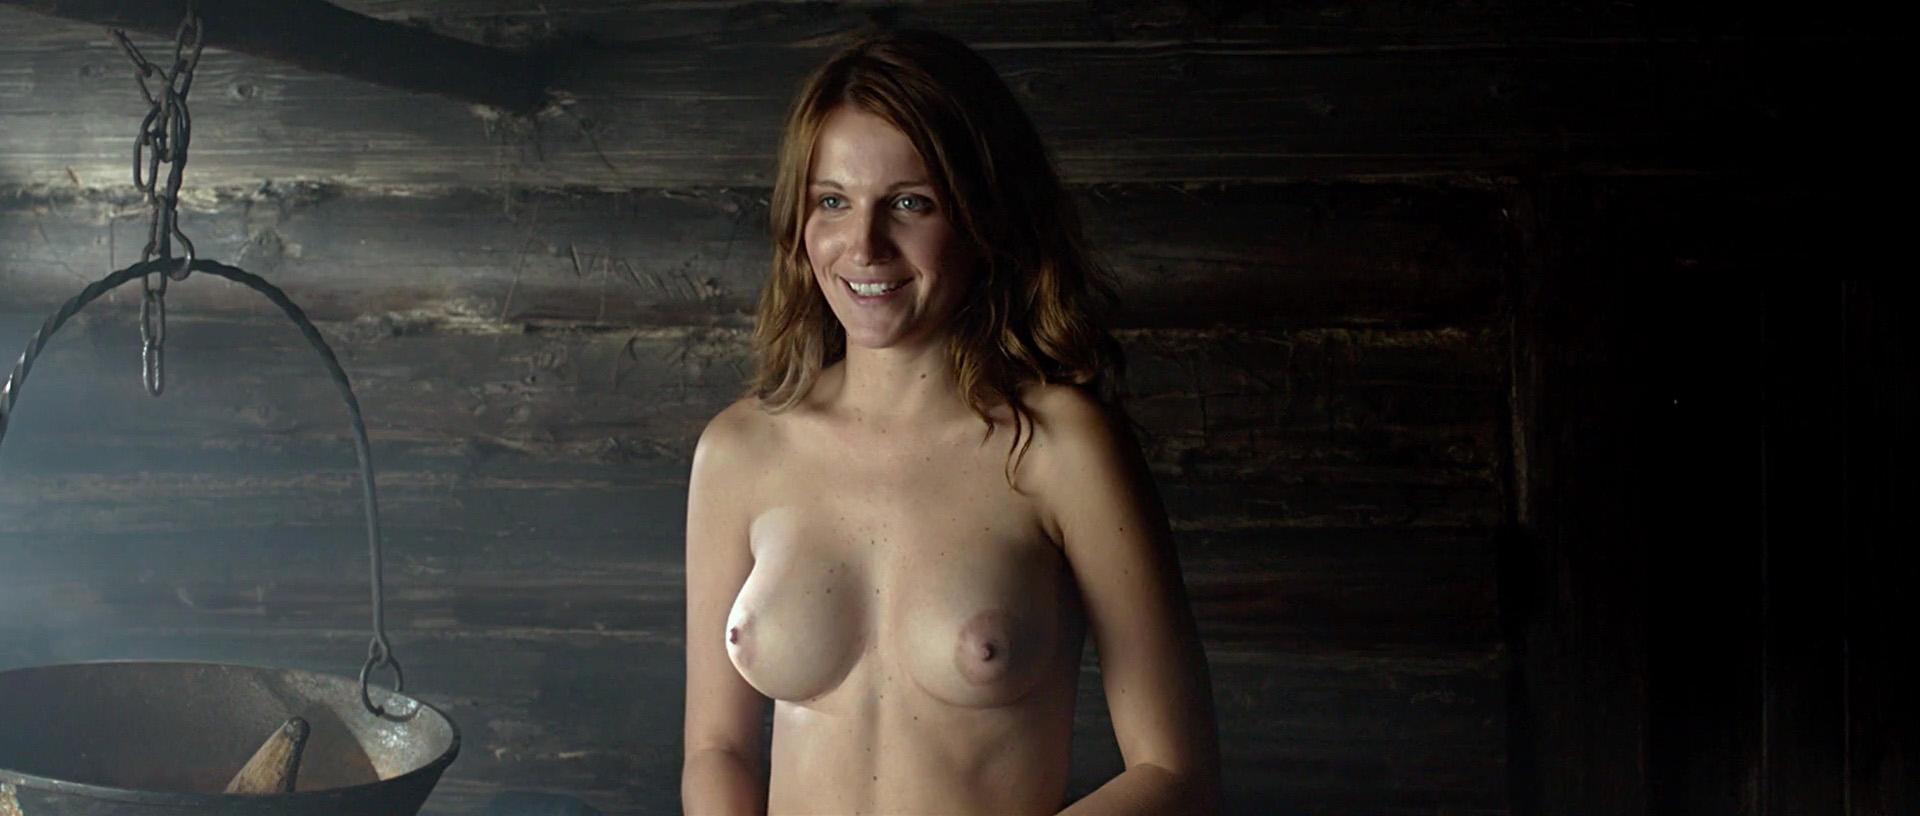 лучшие из российских порно актриса